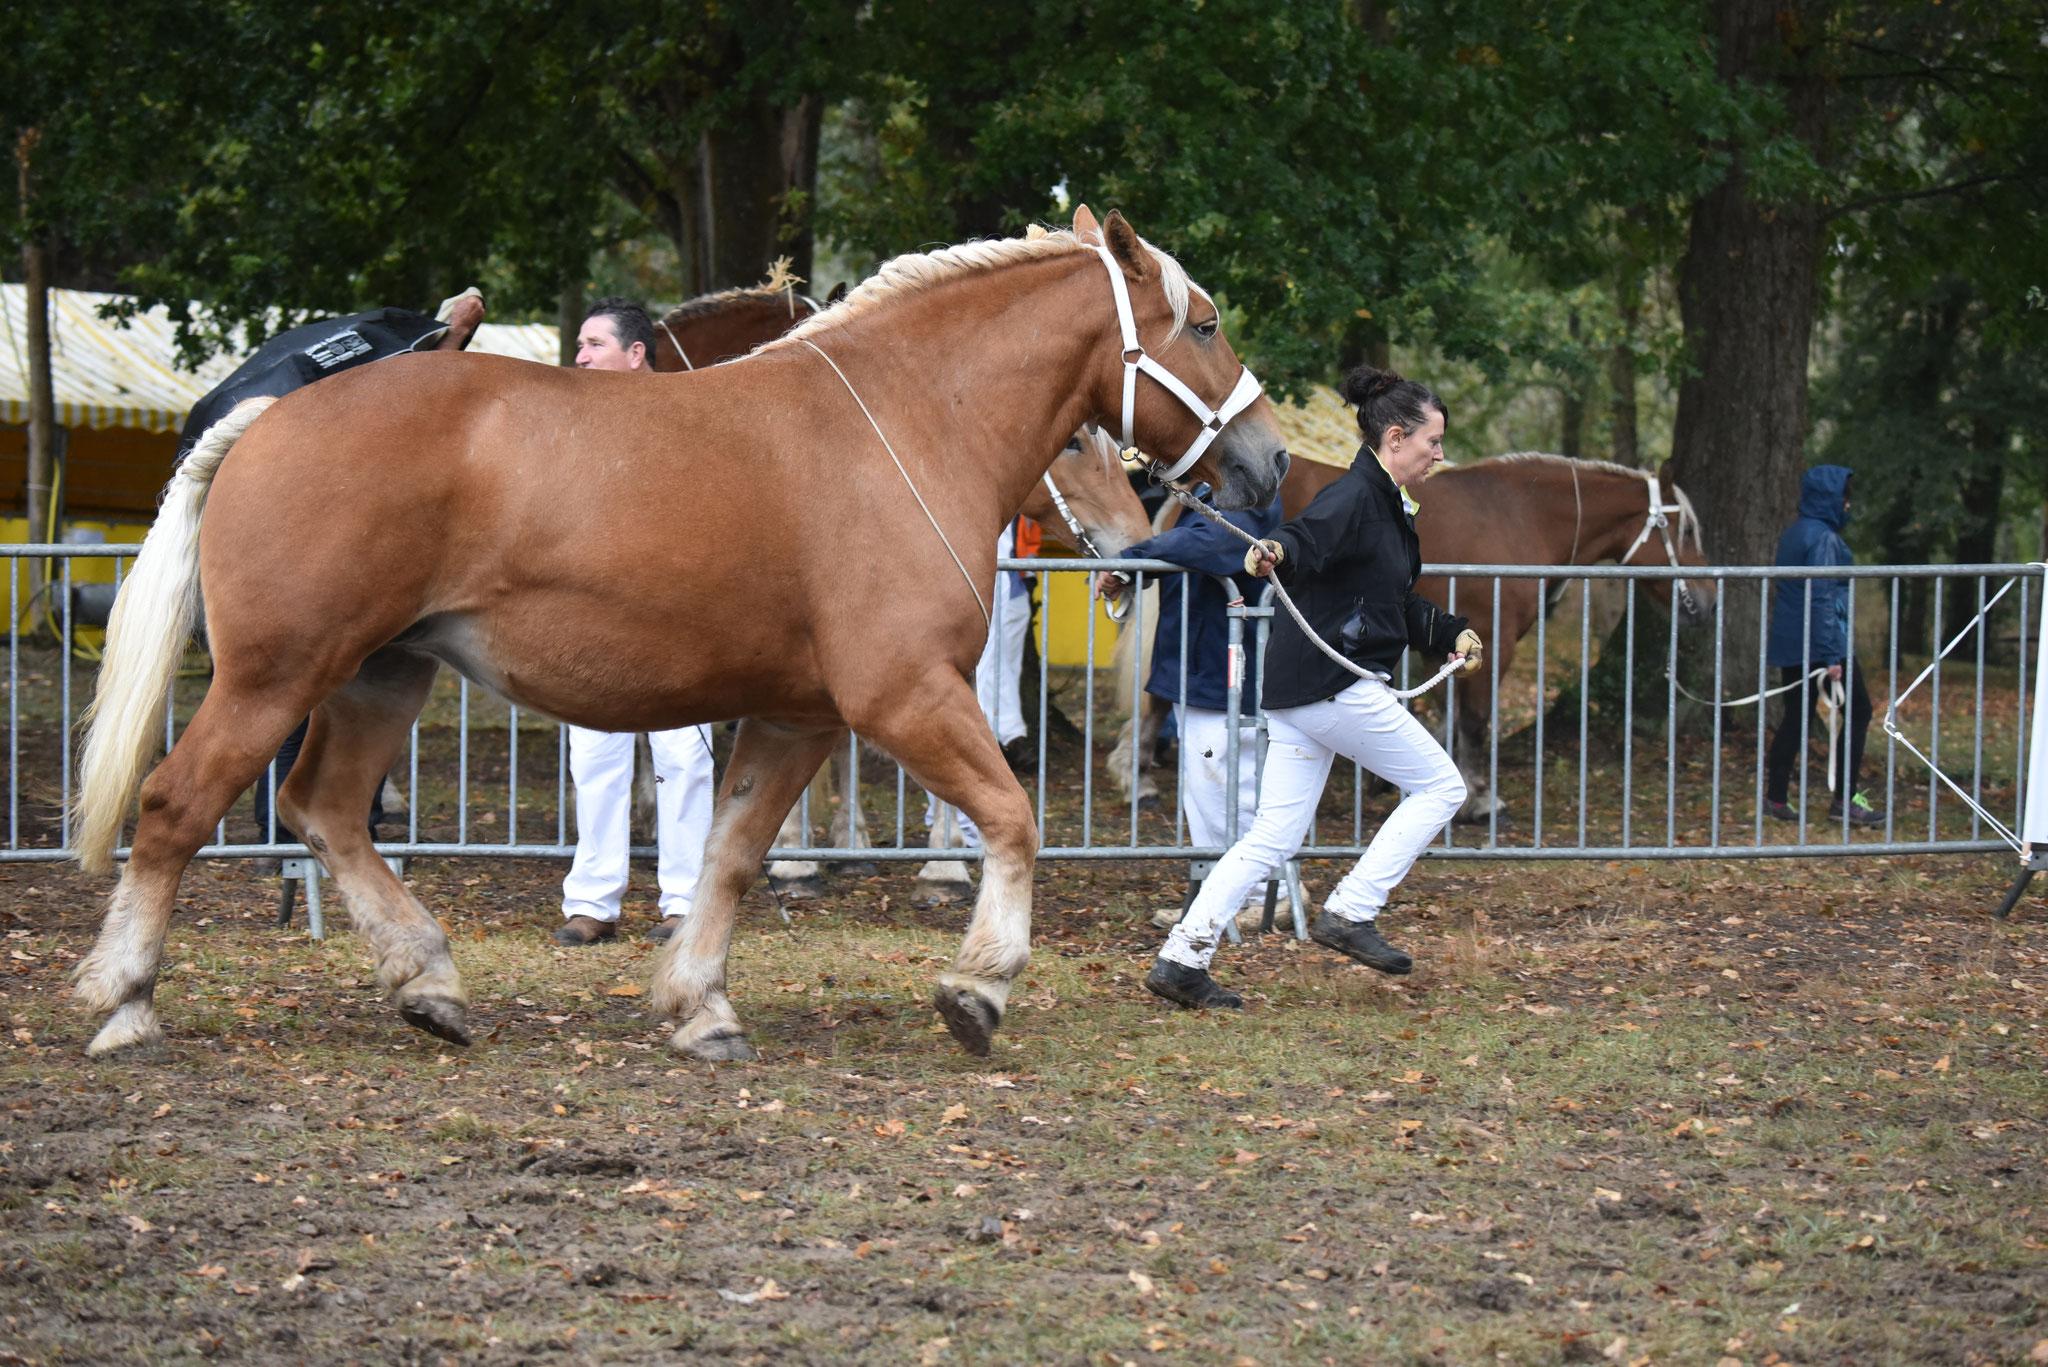 Concours Régional de chevaux de traits en 2017 - Trait COMTOIS - ETOILE 90 - 53